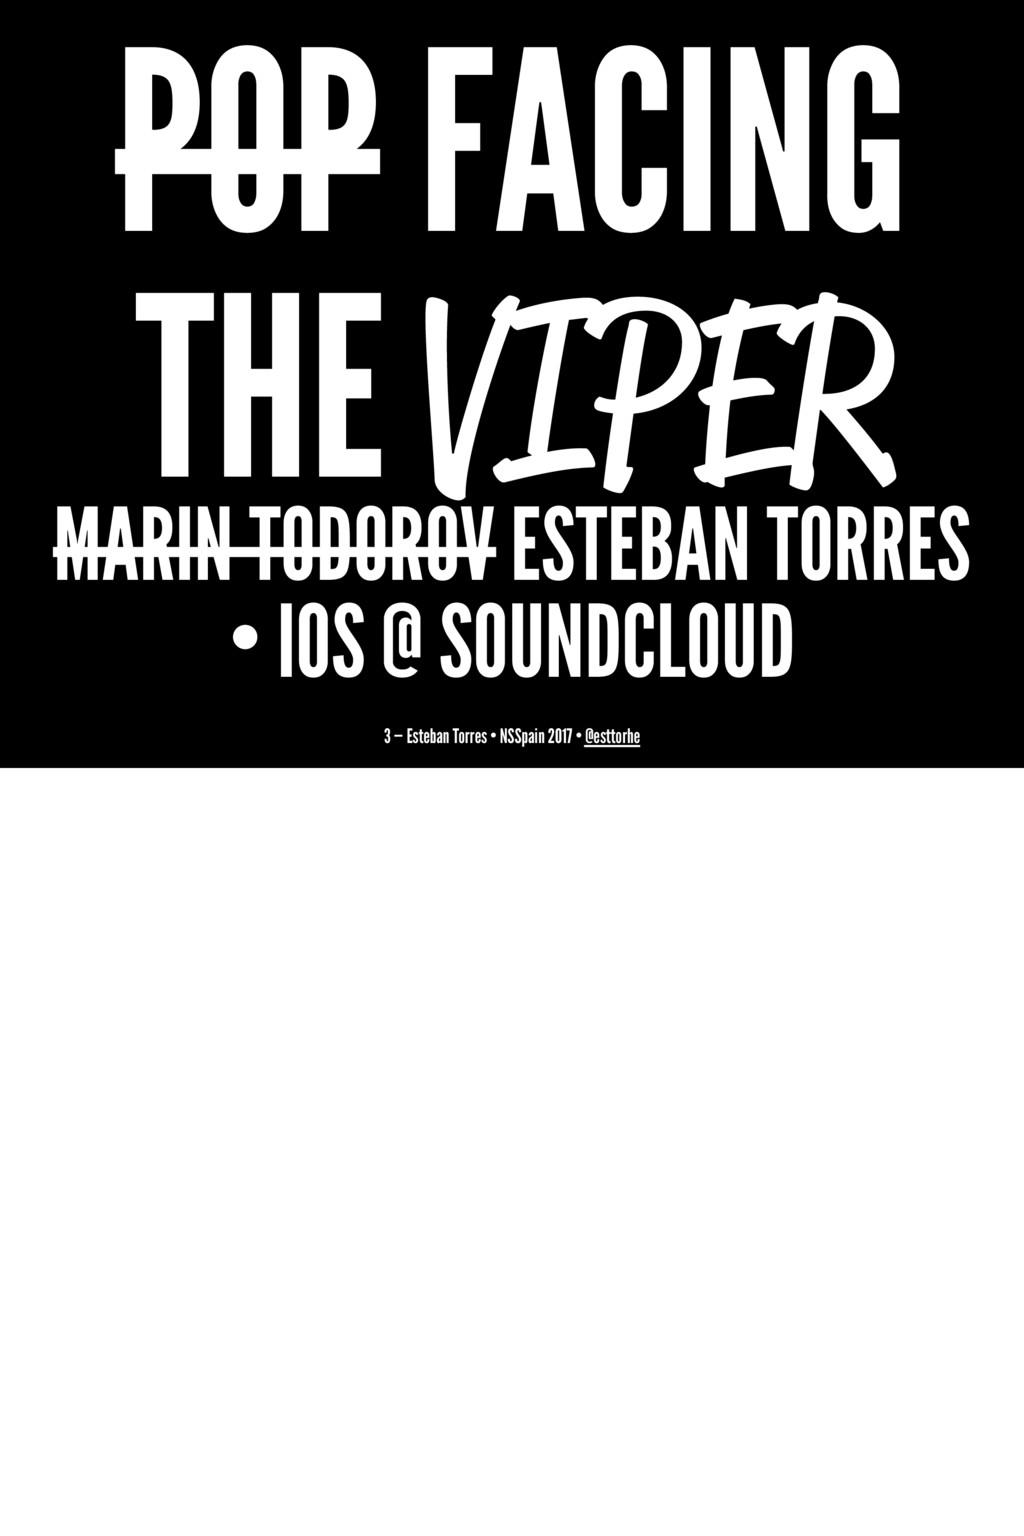 POP FACING THE VIPER MARIN TODOROV ESTEBAN TORR...